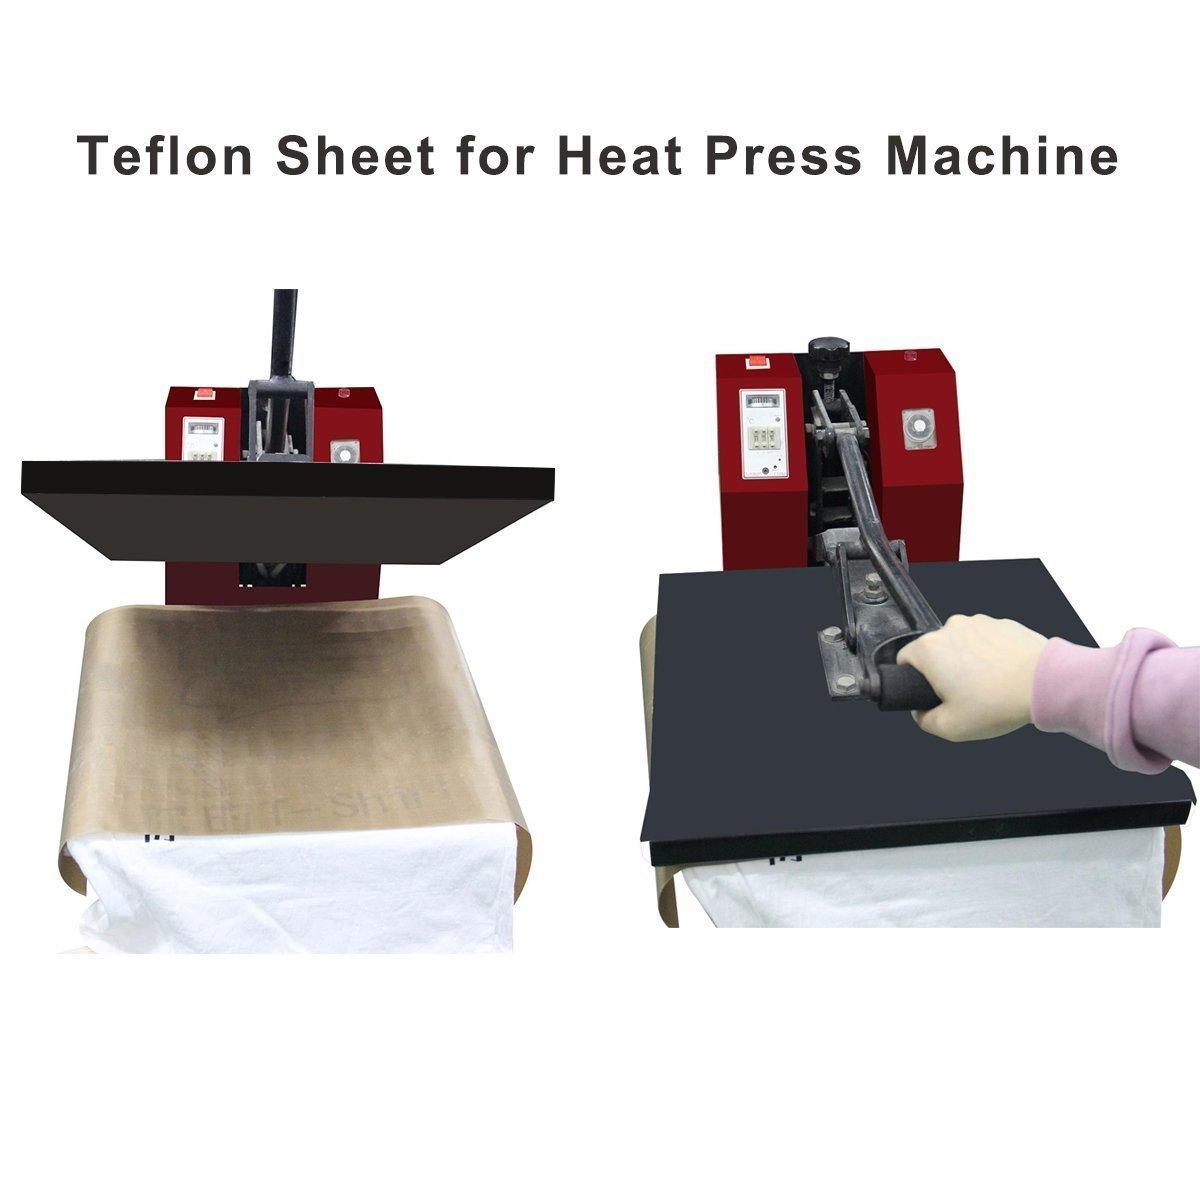 5 Pezzi PTFE Teflon per pressa di calore trasferimento foglio antiaderente resistente al calore,BBQ Griglia Mat Cottura non si appiccica olio-prova Paper Craft Mat 16 x 20